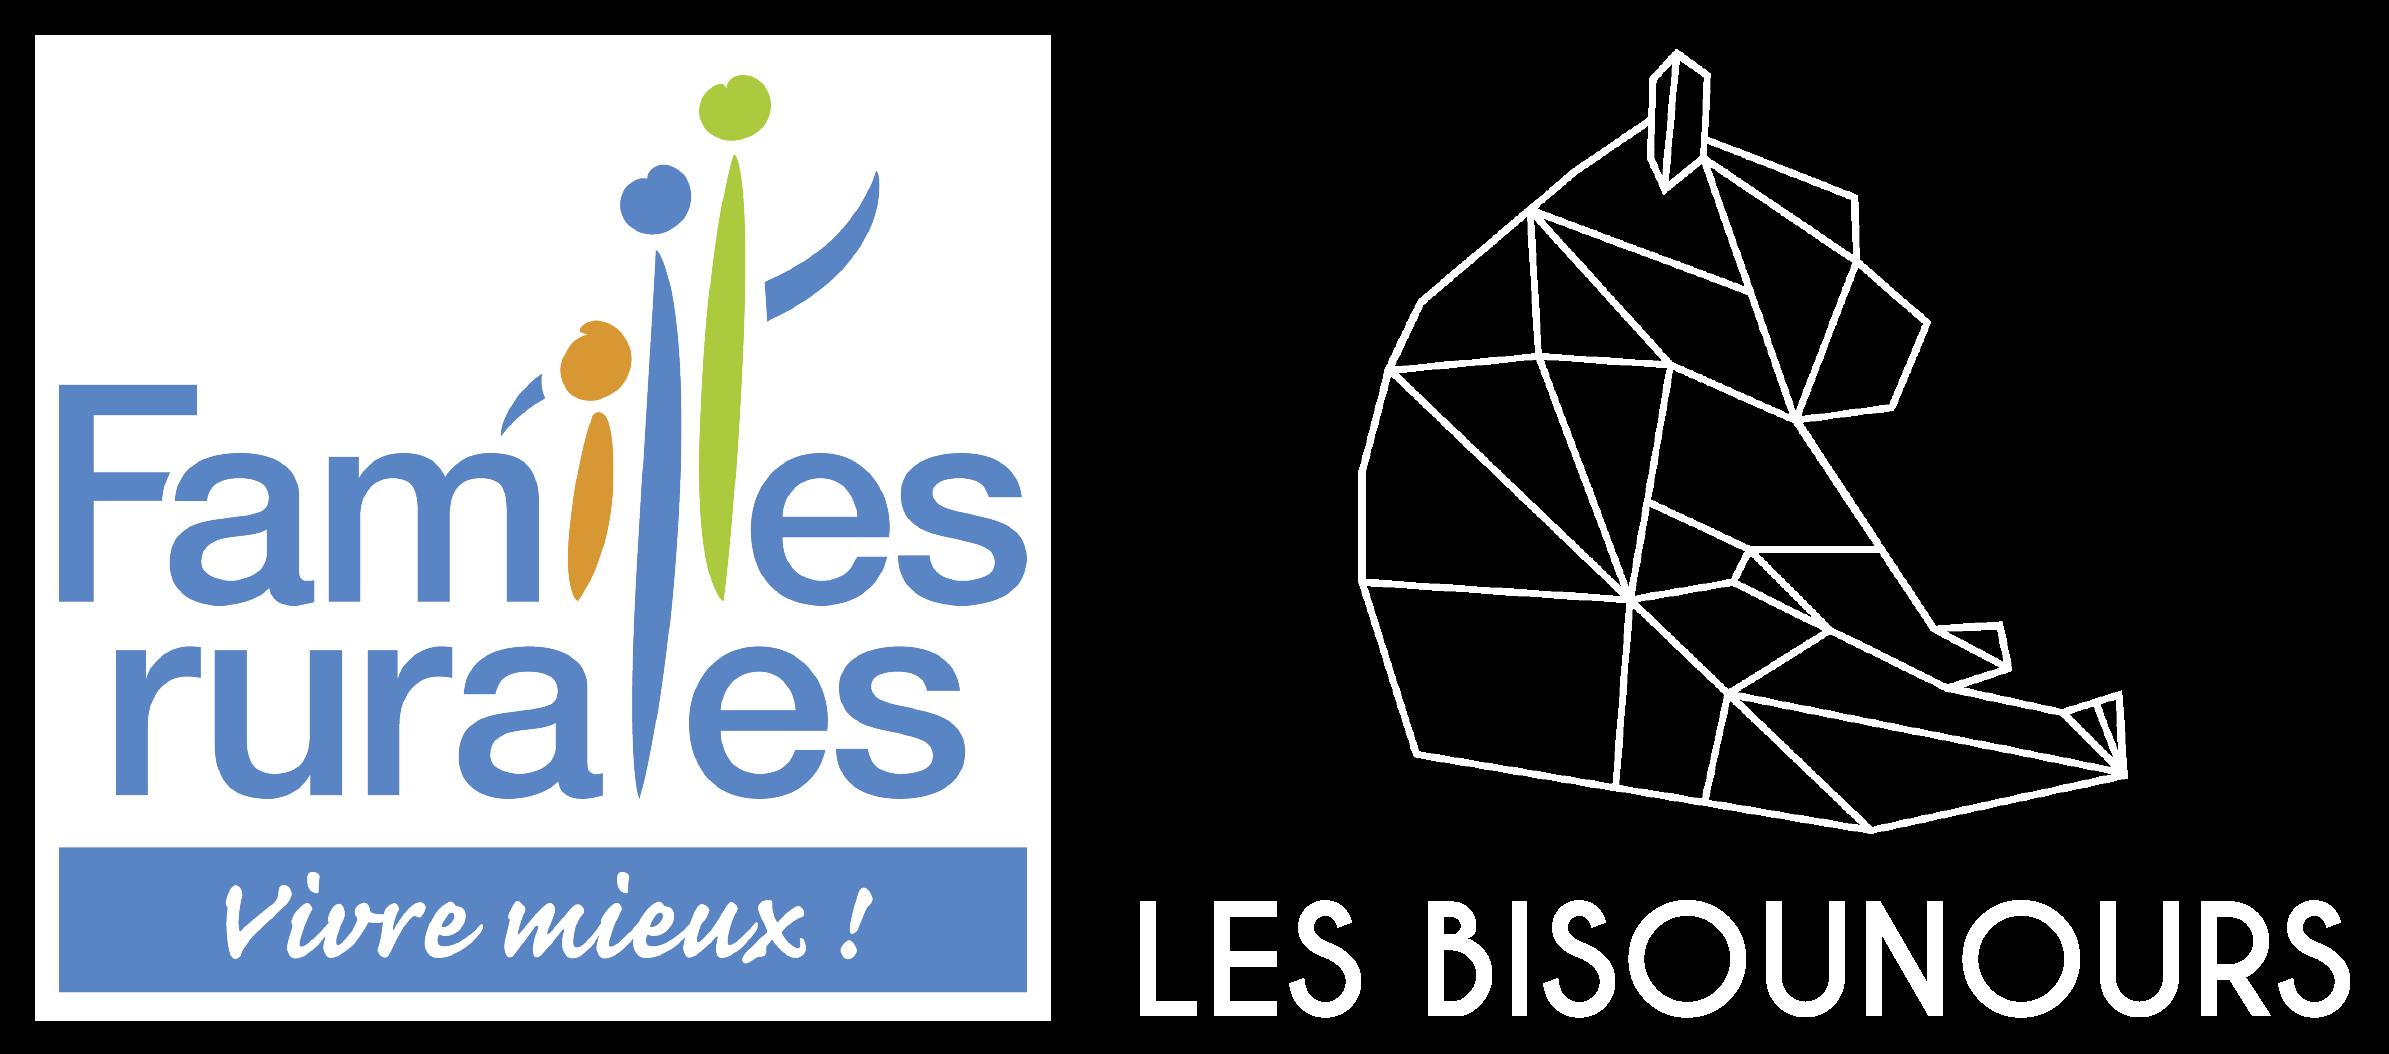 Crèche à Saint Georges d'Espéranche - Bienvenue sur le site de l'EAJE Les Bisounours. Découvrez la structure ainsi que toute notre équipe.